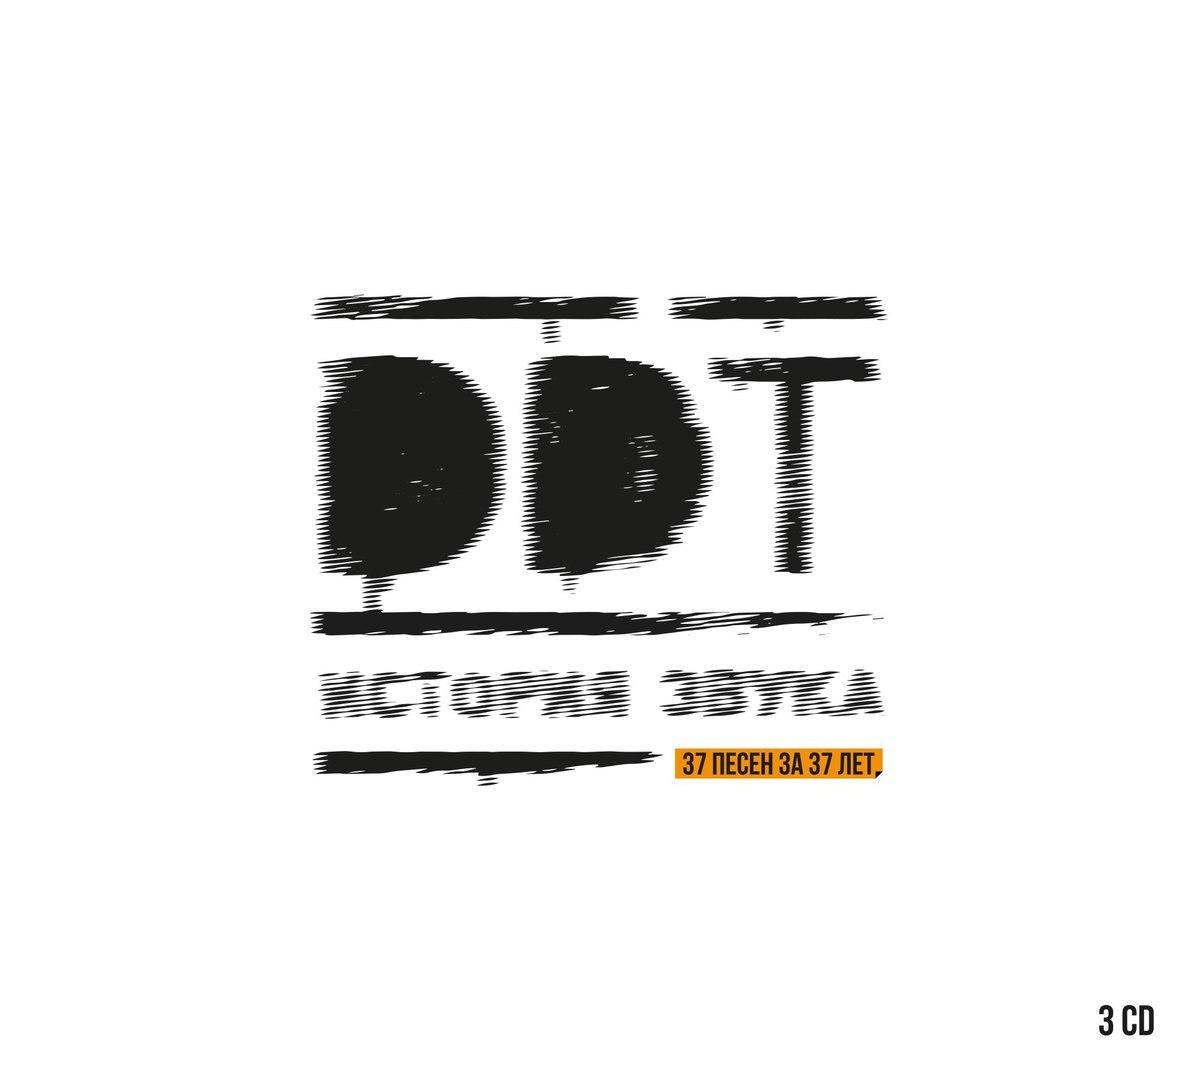 """ДДТ издала """"Историю звука"""" на трёх CD"""